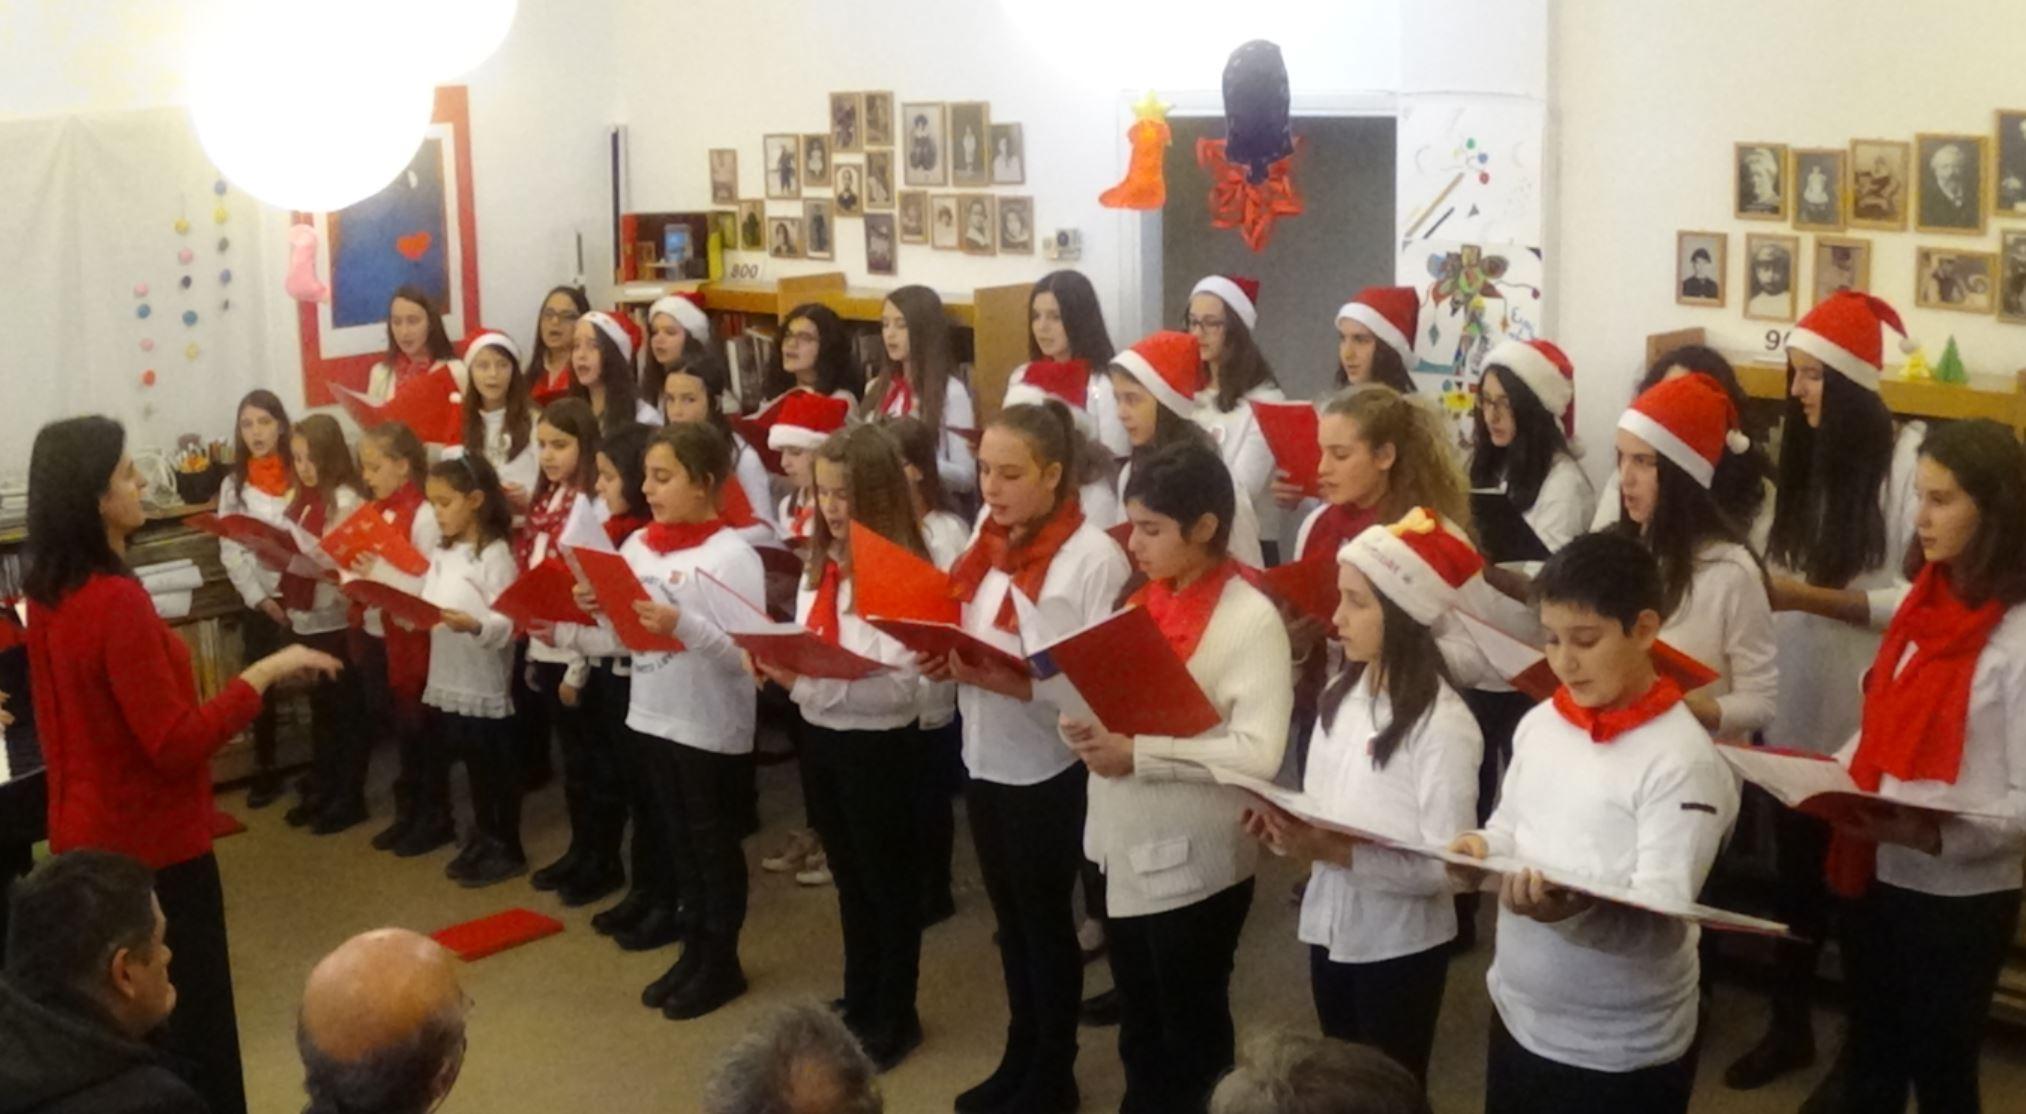 Εξαιρετική συναυλία από την Παιδική Χορωδία του Ωδείου Δημητρίου Δημόπουλου στο χώρο της Παιδικής-Εφηβικής Βιβλιοθήκης Βελβεντού (Φωτογραφίες & Βίντεο)